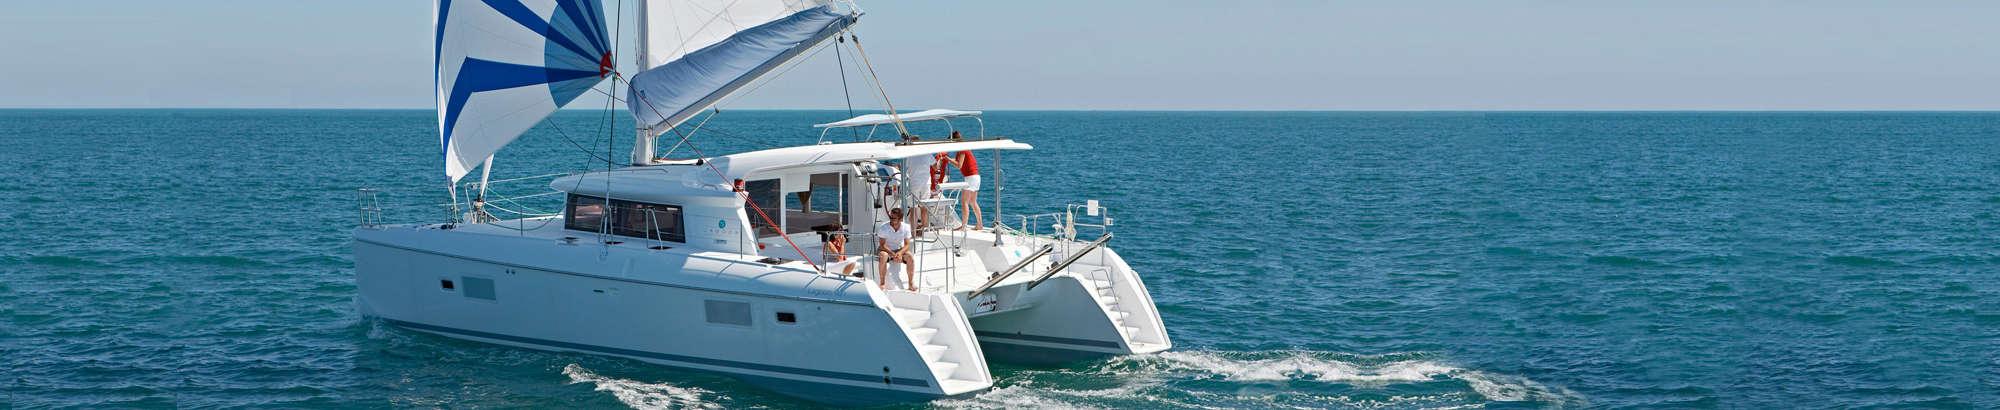 Vacances_a_bord_d_un_Catamaran